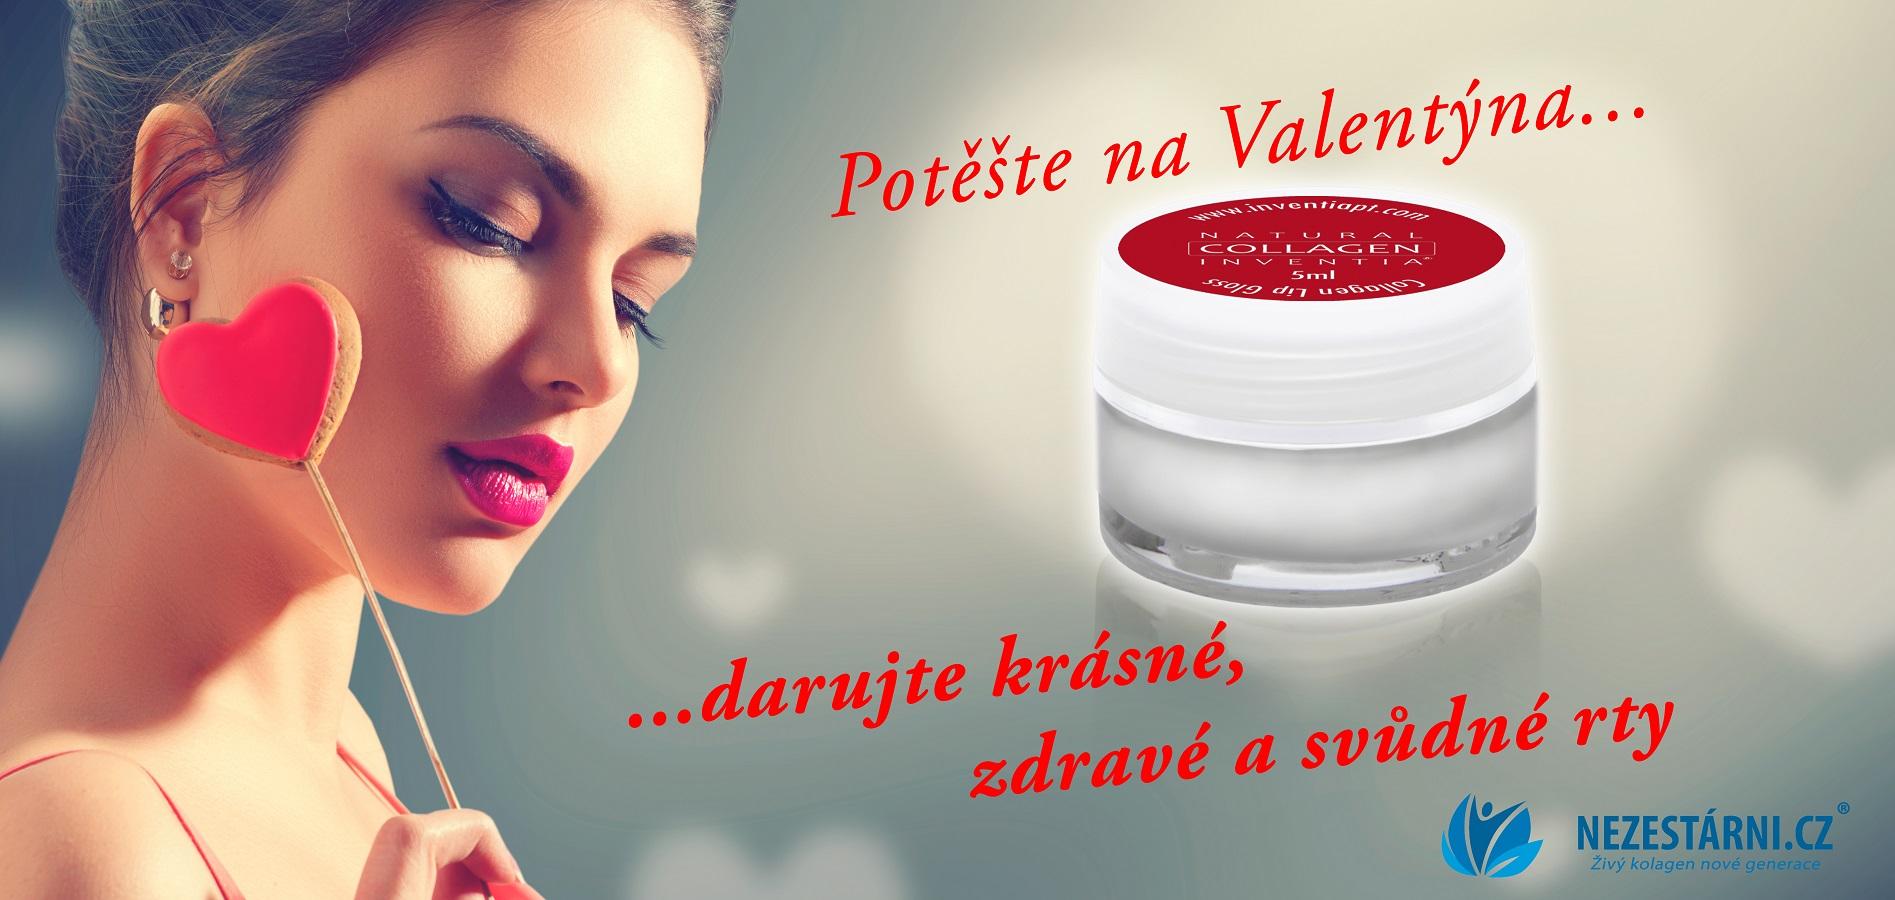 Živý kolagen - valentýnské tipy, nové dárky a soutěž s TV Nova